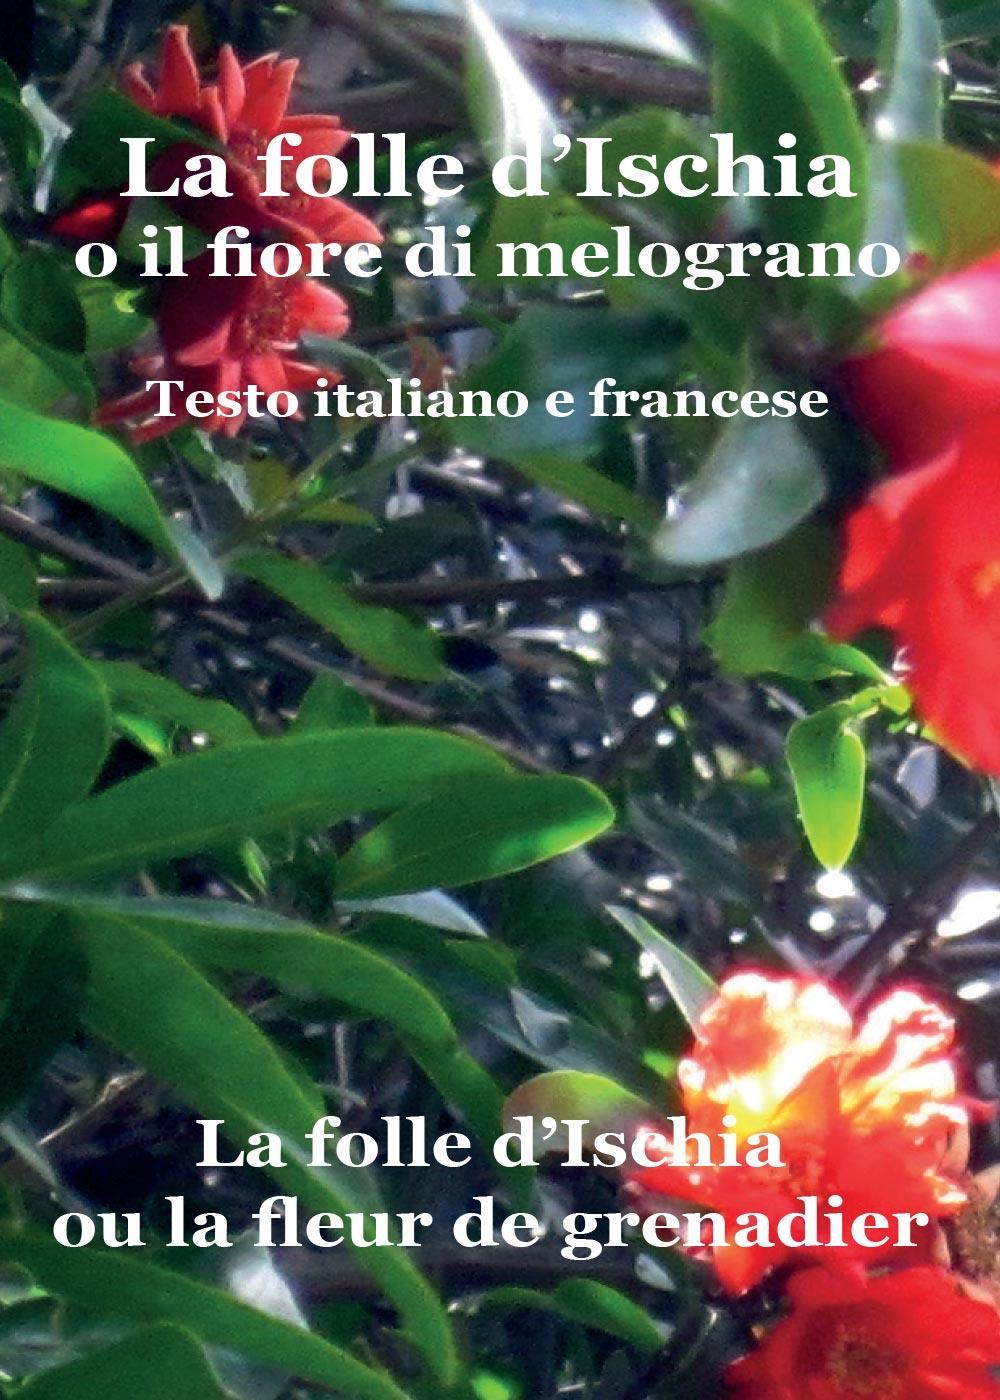 La folle d'Ischia o il fiore di melograno - Testo italiano e francese